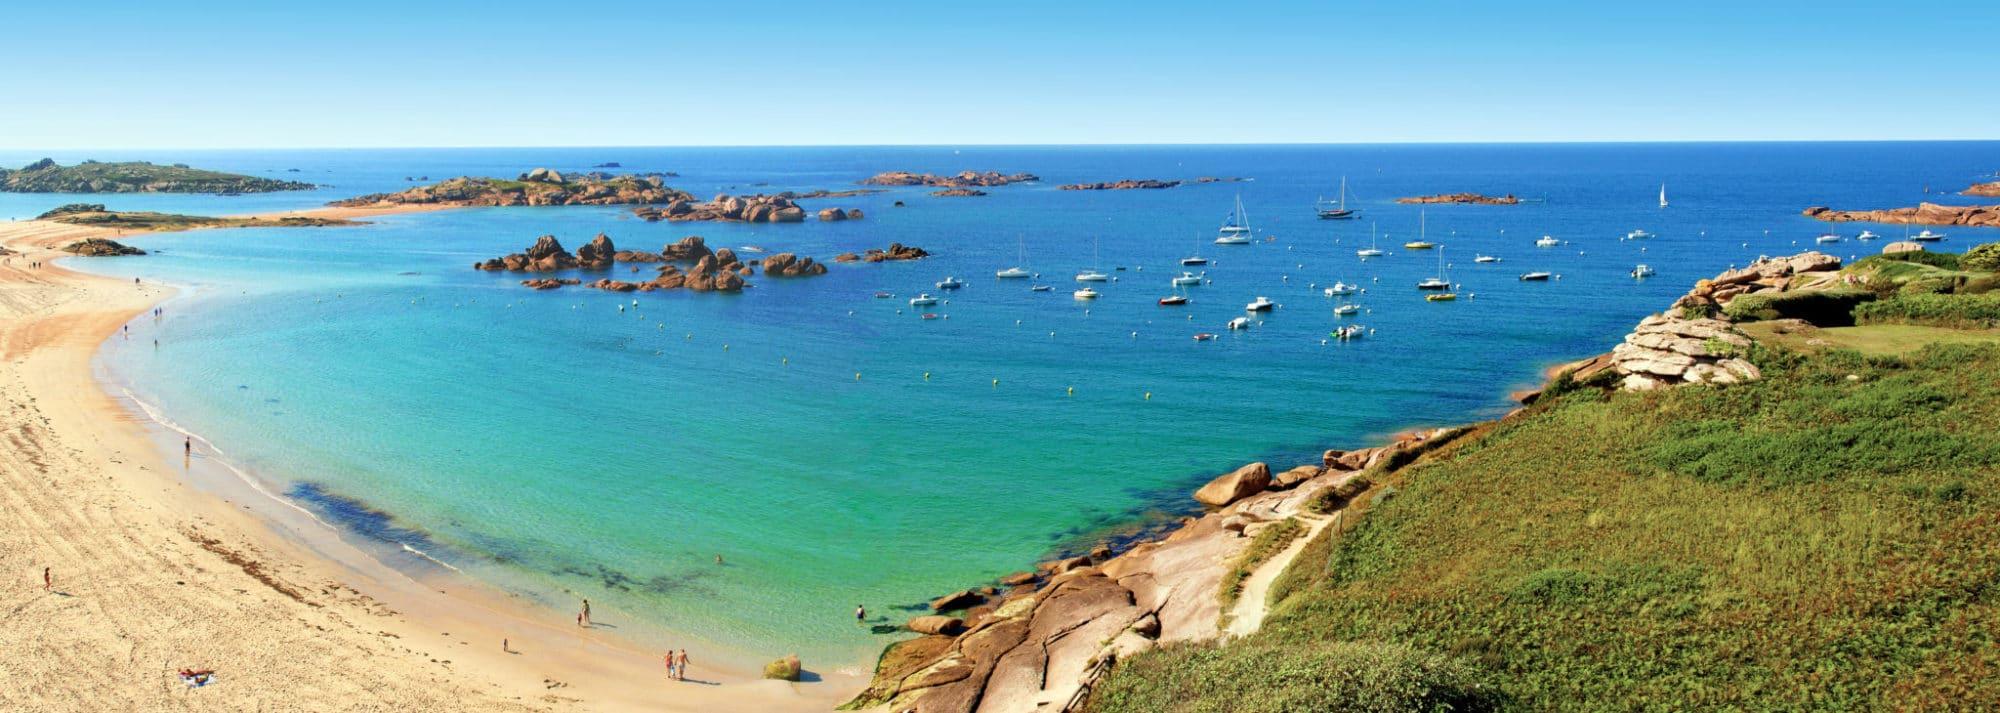 Découvrez nos conseils et nos astuces pour visiter la Bretagne grâce à nos récits d évitages sur notre blog Voyage Vos Plus Belles Destinations - Instagram @MerveillesdeFrance